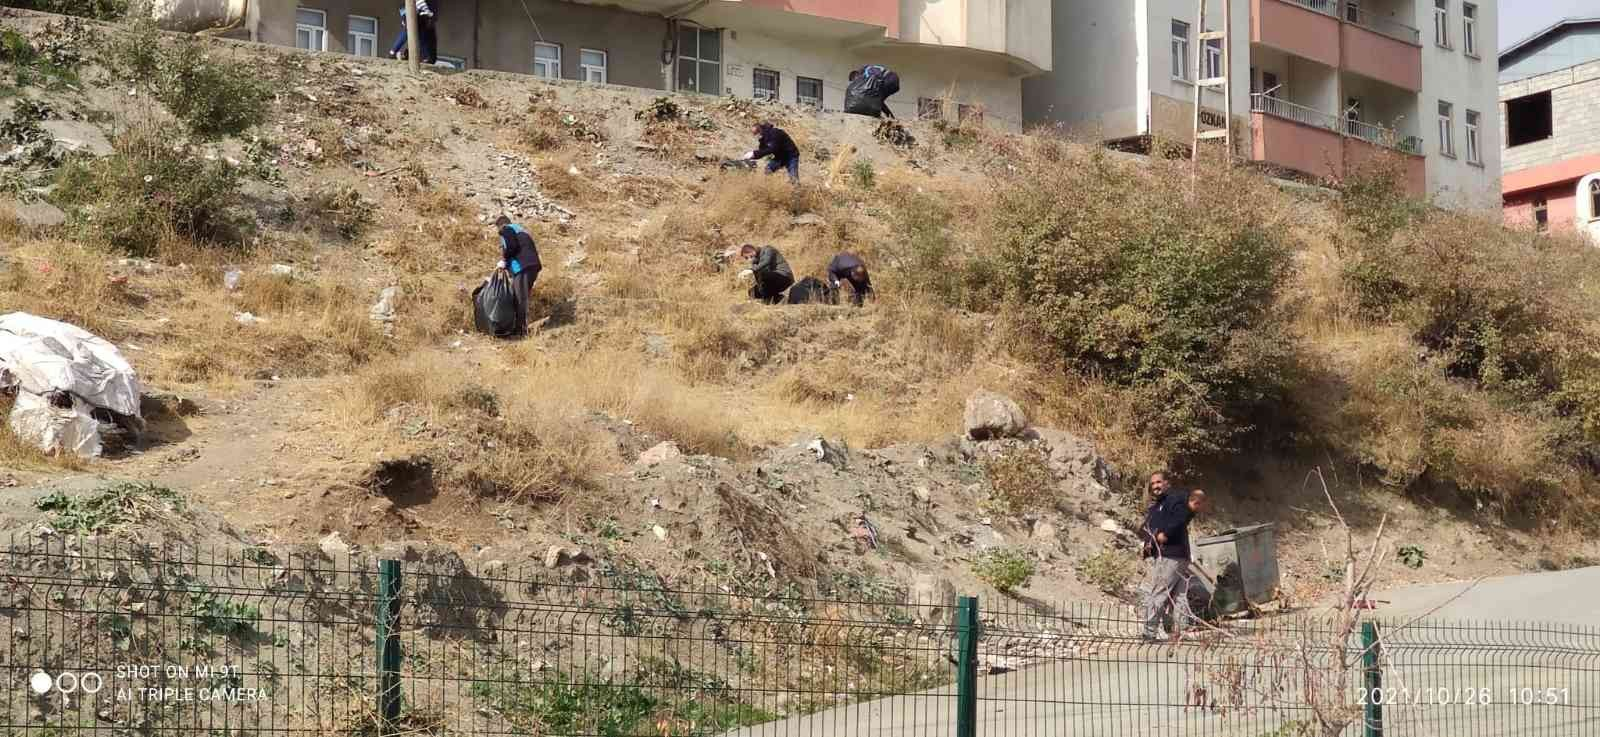 Hakkari'de temizlik kampanyası takdir topladı #hakkari